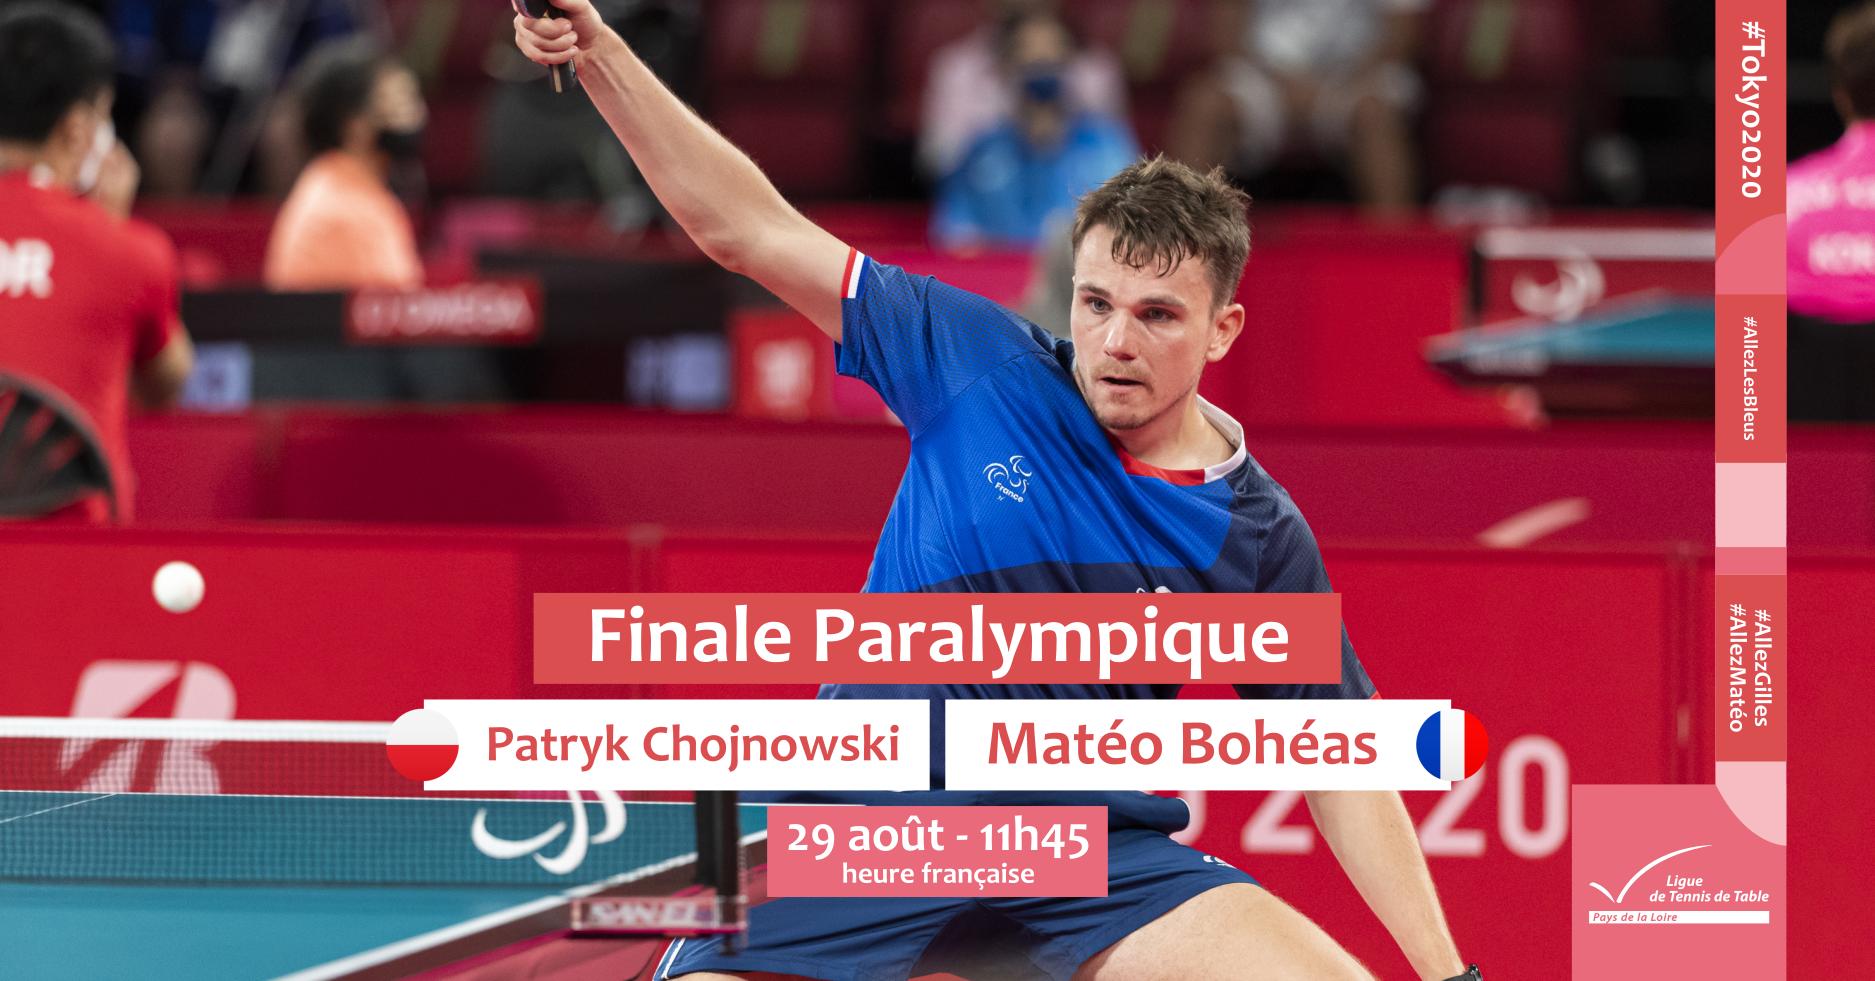 Matéo Bohéas en finale des Jeux Paralympiques